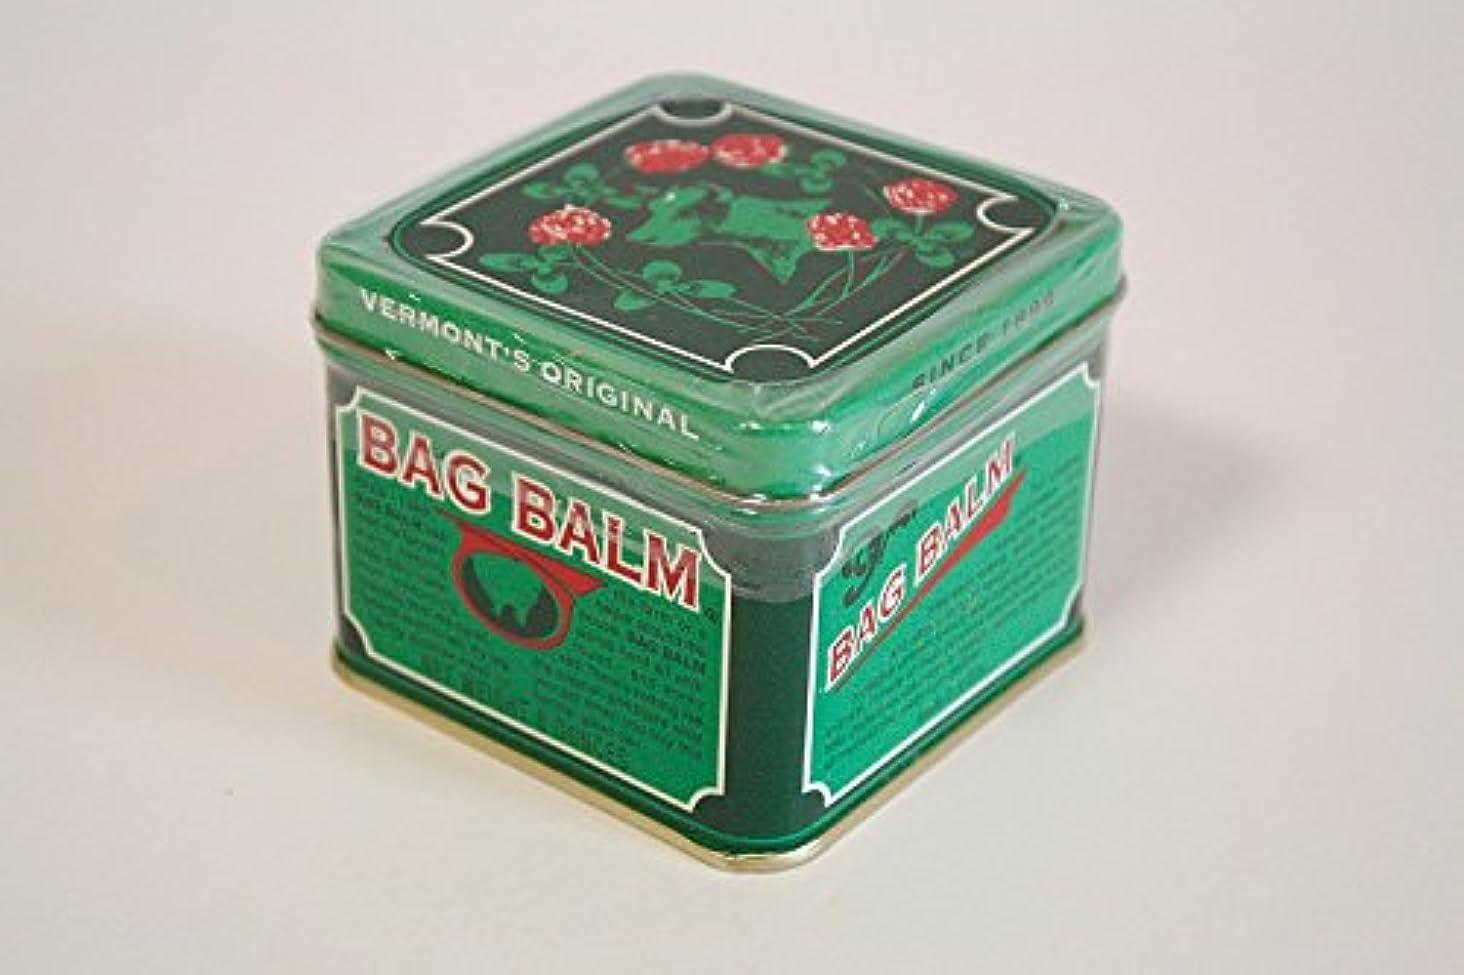 モトリー学習サンダーBag Balm バッグバーム 8oz 保湿クリーム Vermont's Original バーモントオリジナル[並行輸入品]